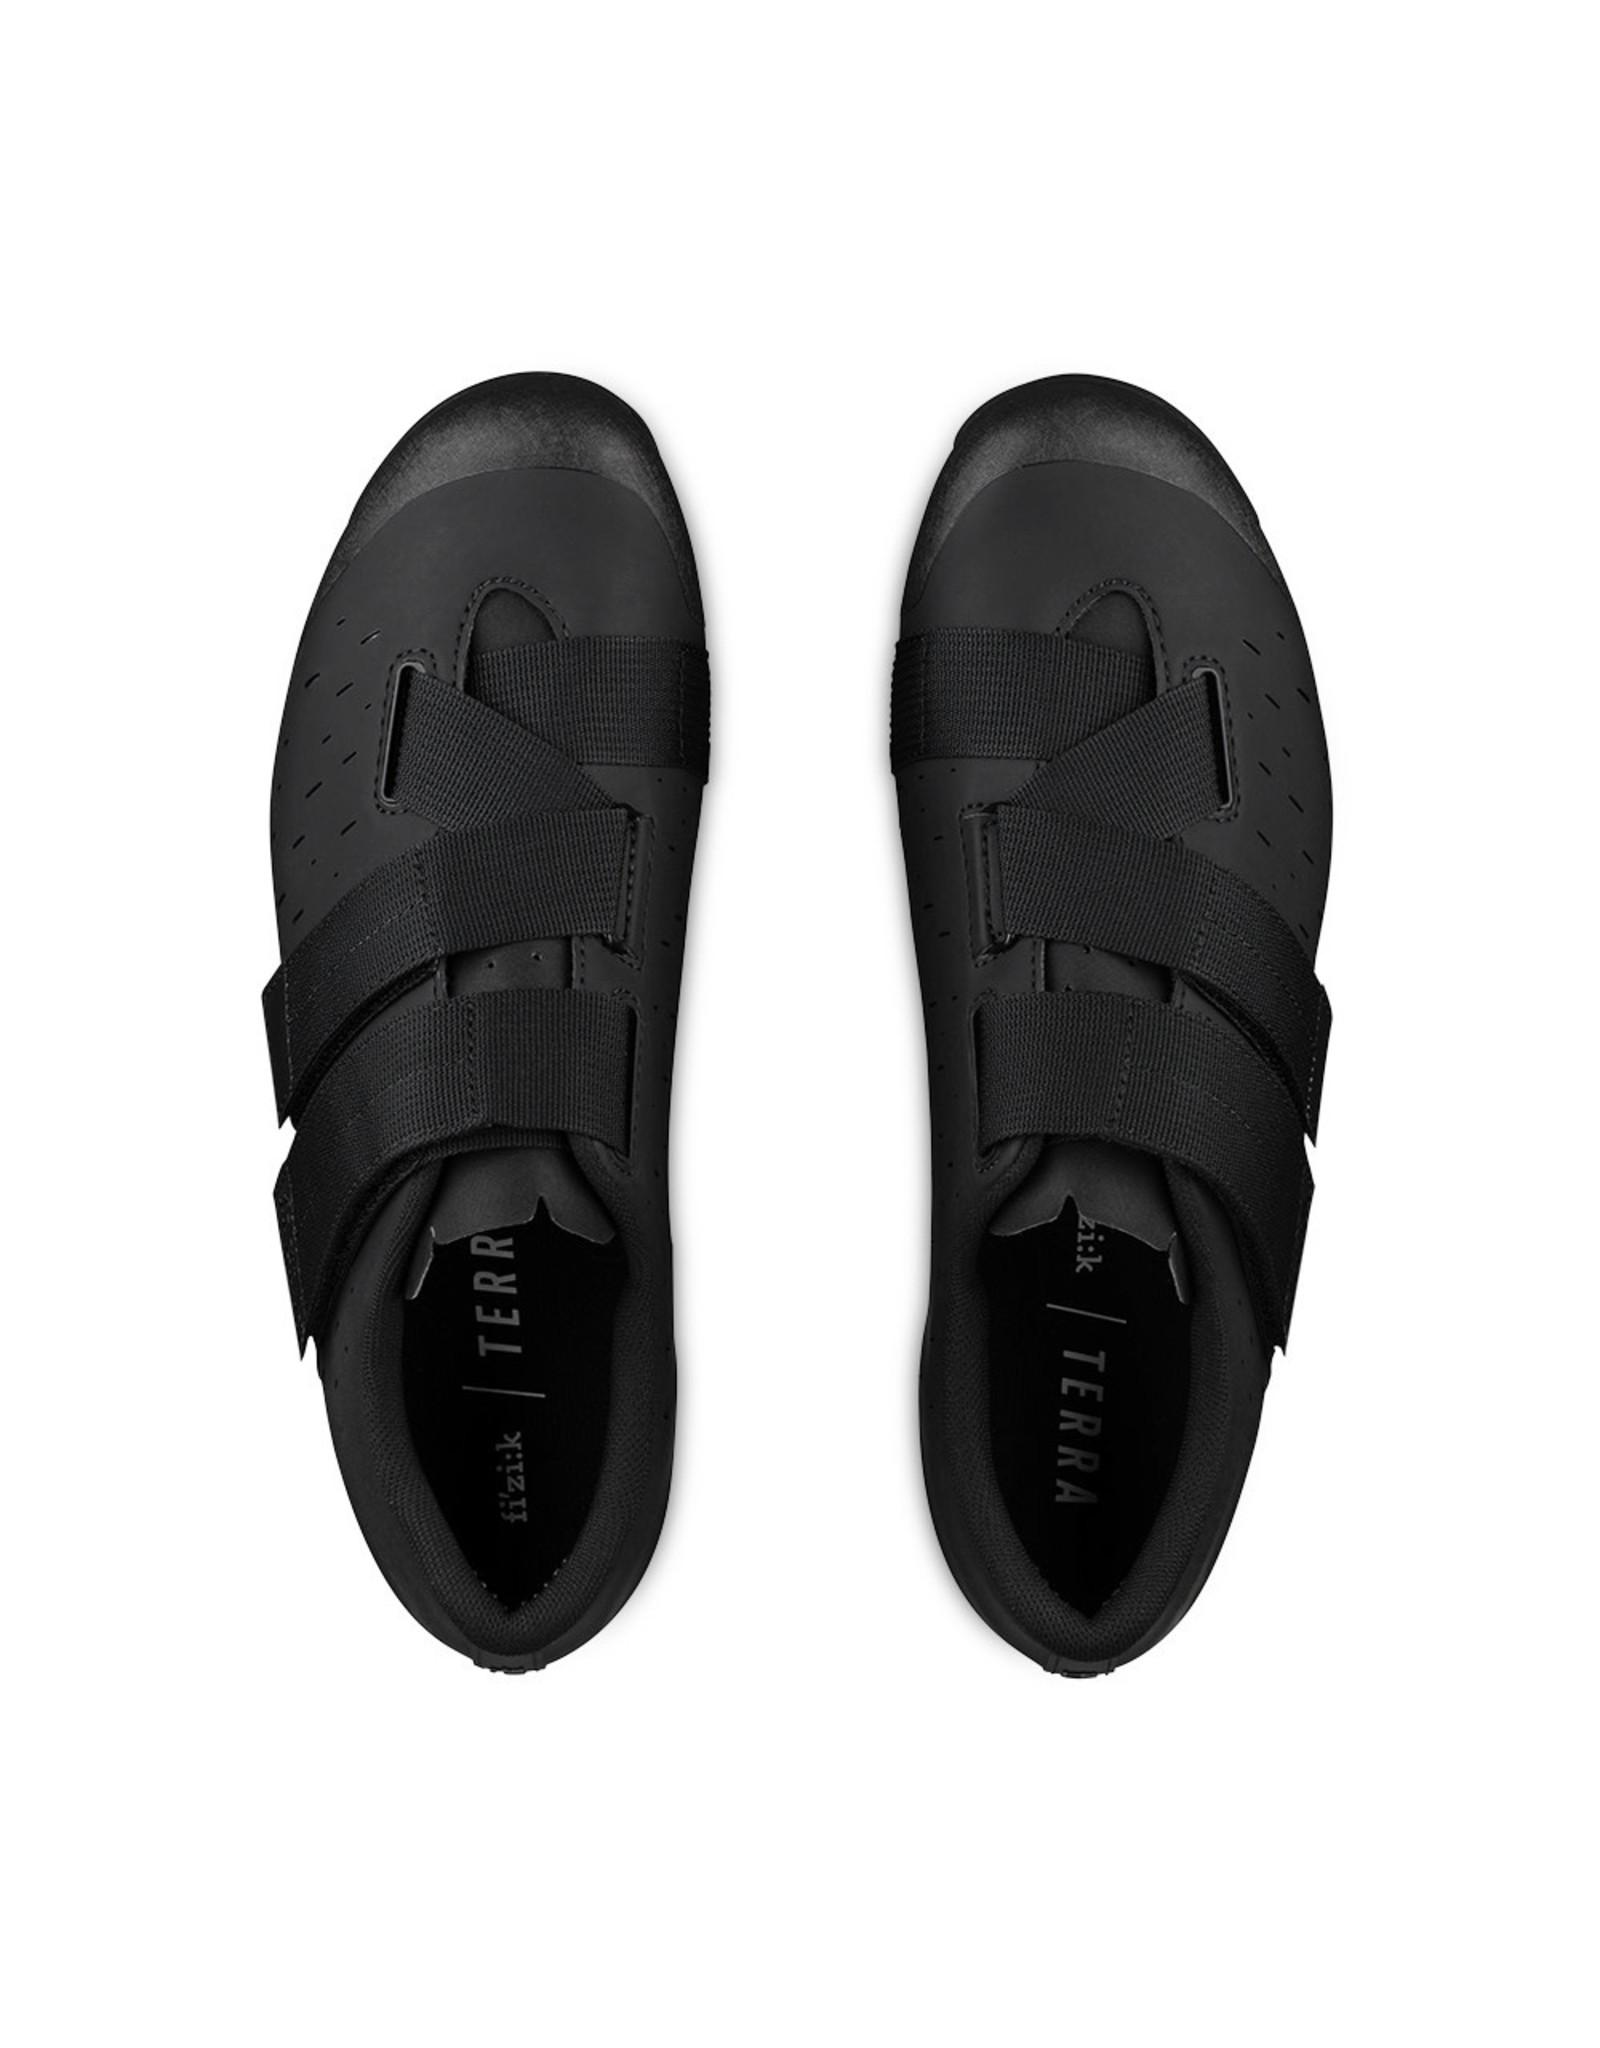 Fizik Chaussures Fizik de VTT Terra PowerStrap X4